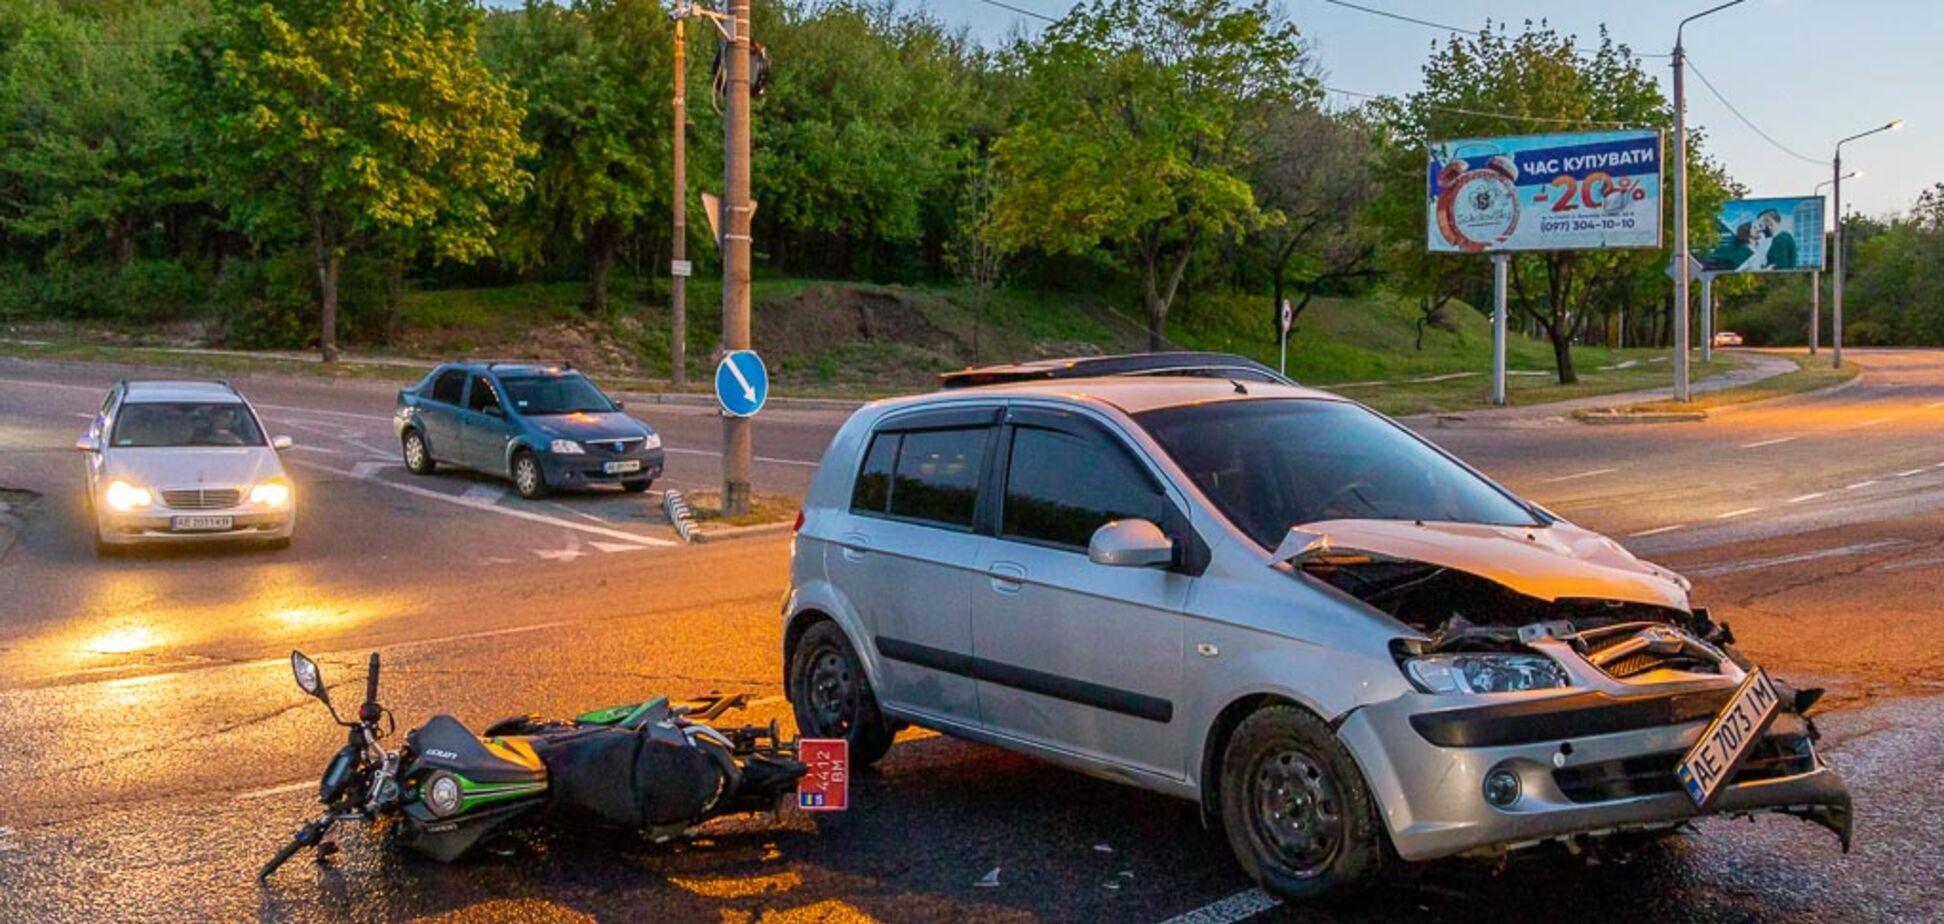 В Днепре на большой скорости столкнулись авто и мотоцикл: есть пострадавший